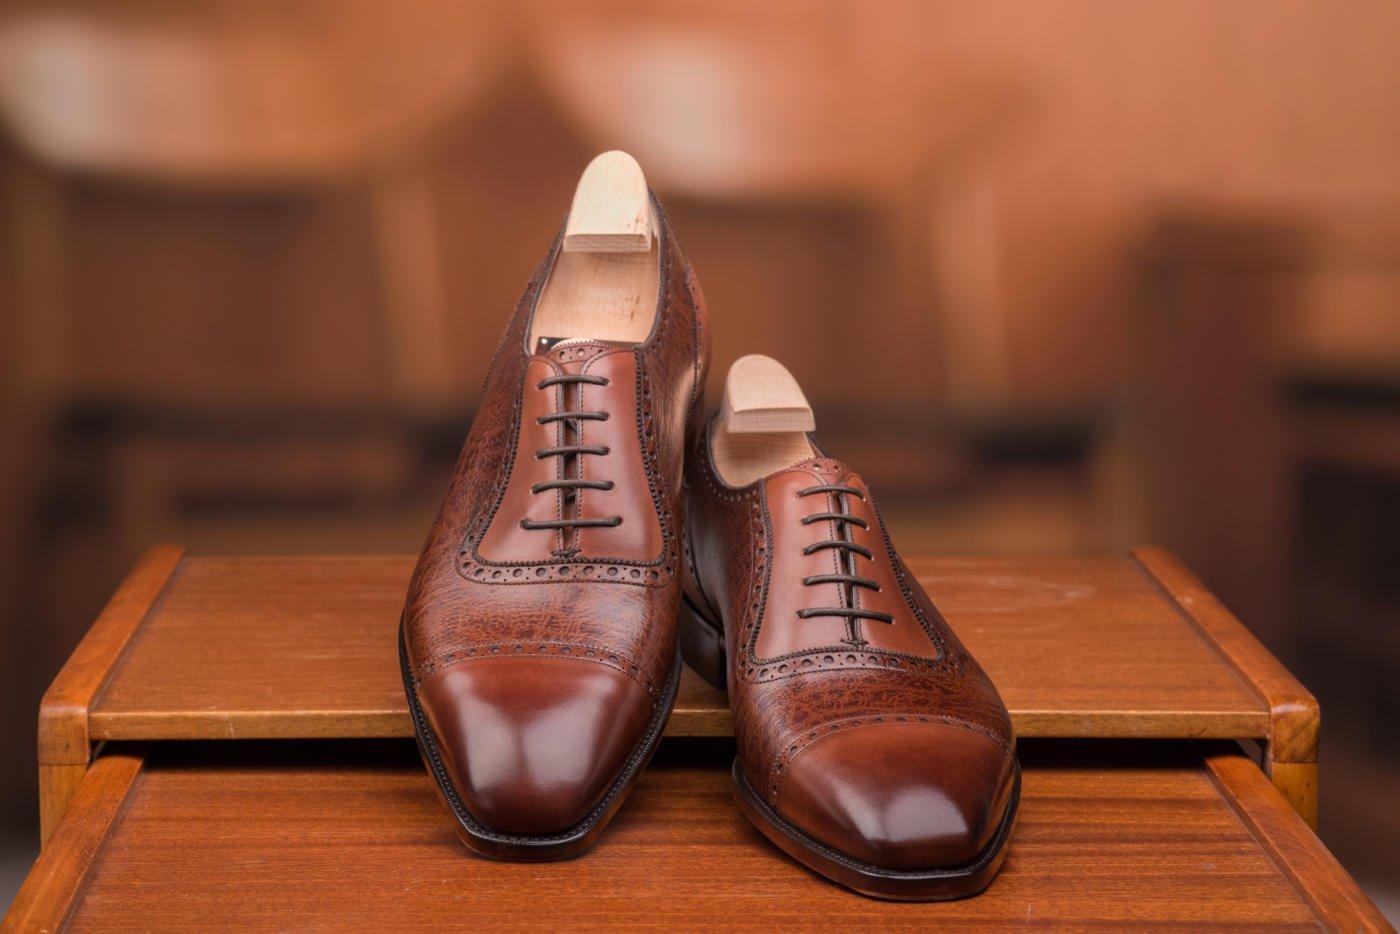 b0c666641b9e7 Como escolher sapato social masculino  Guia Completo com estilos e como usar